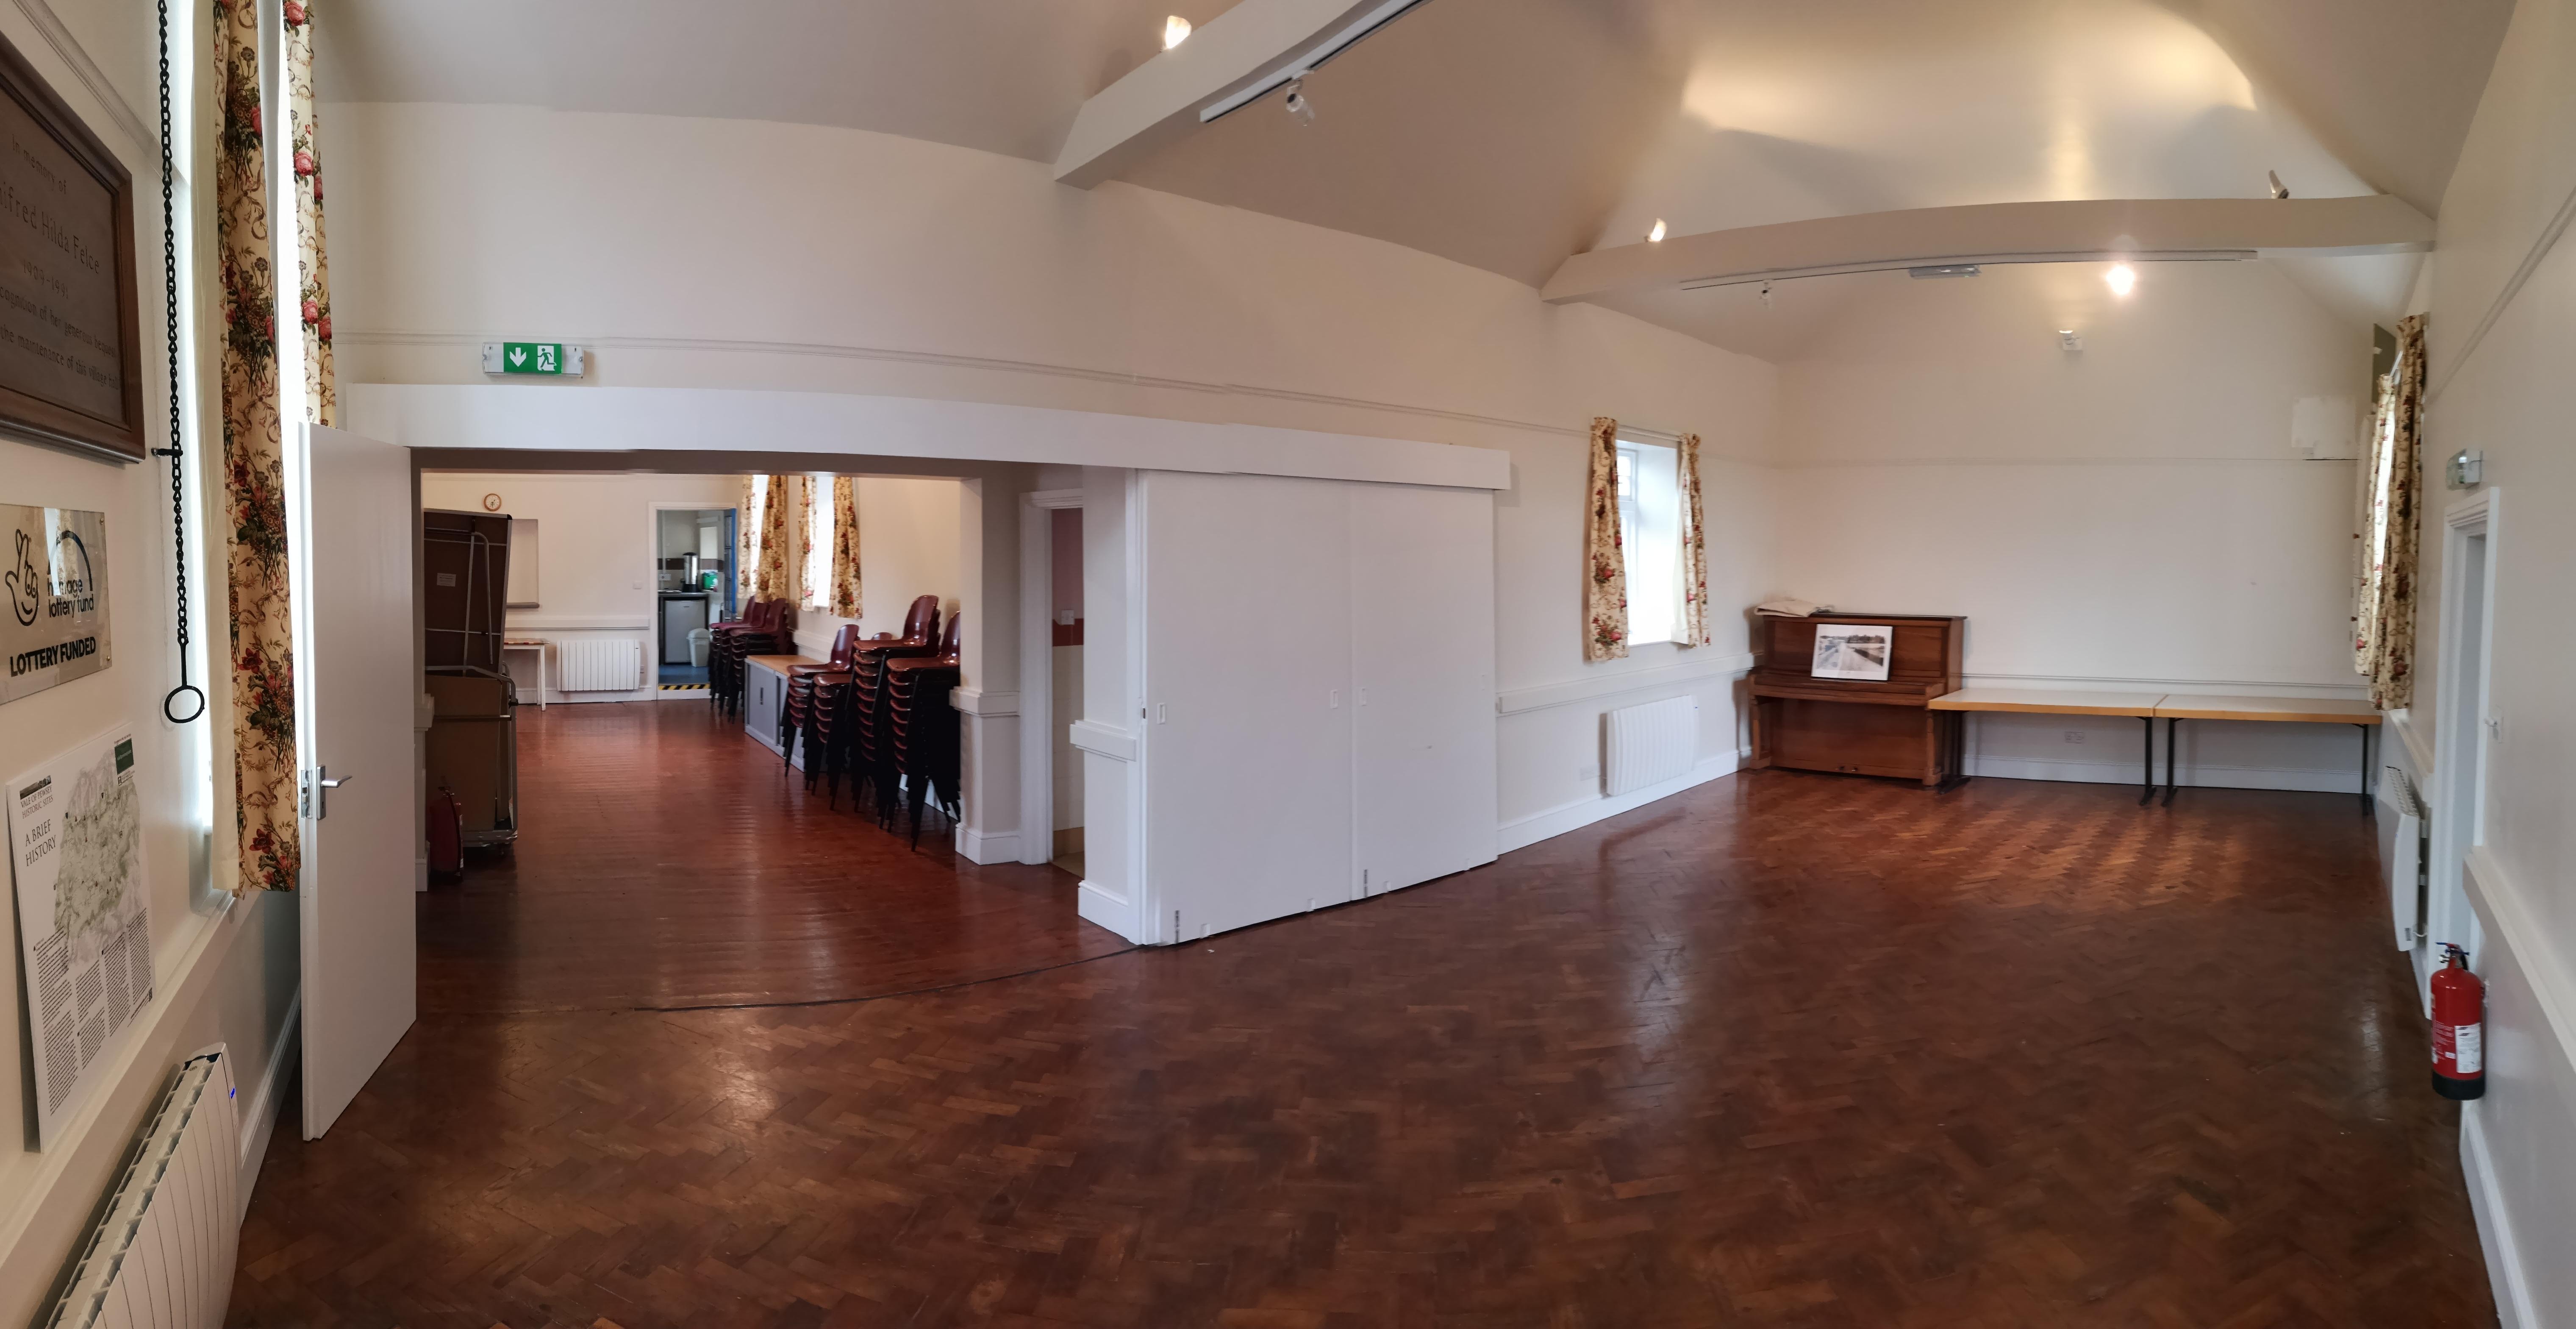 Wilcot Village Hall